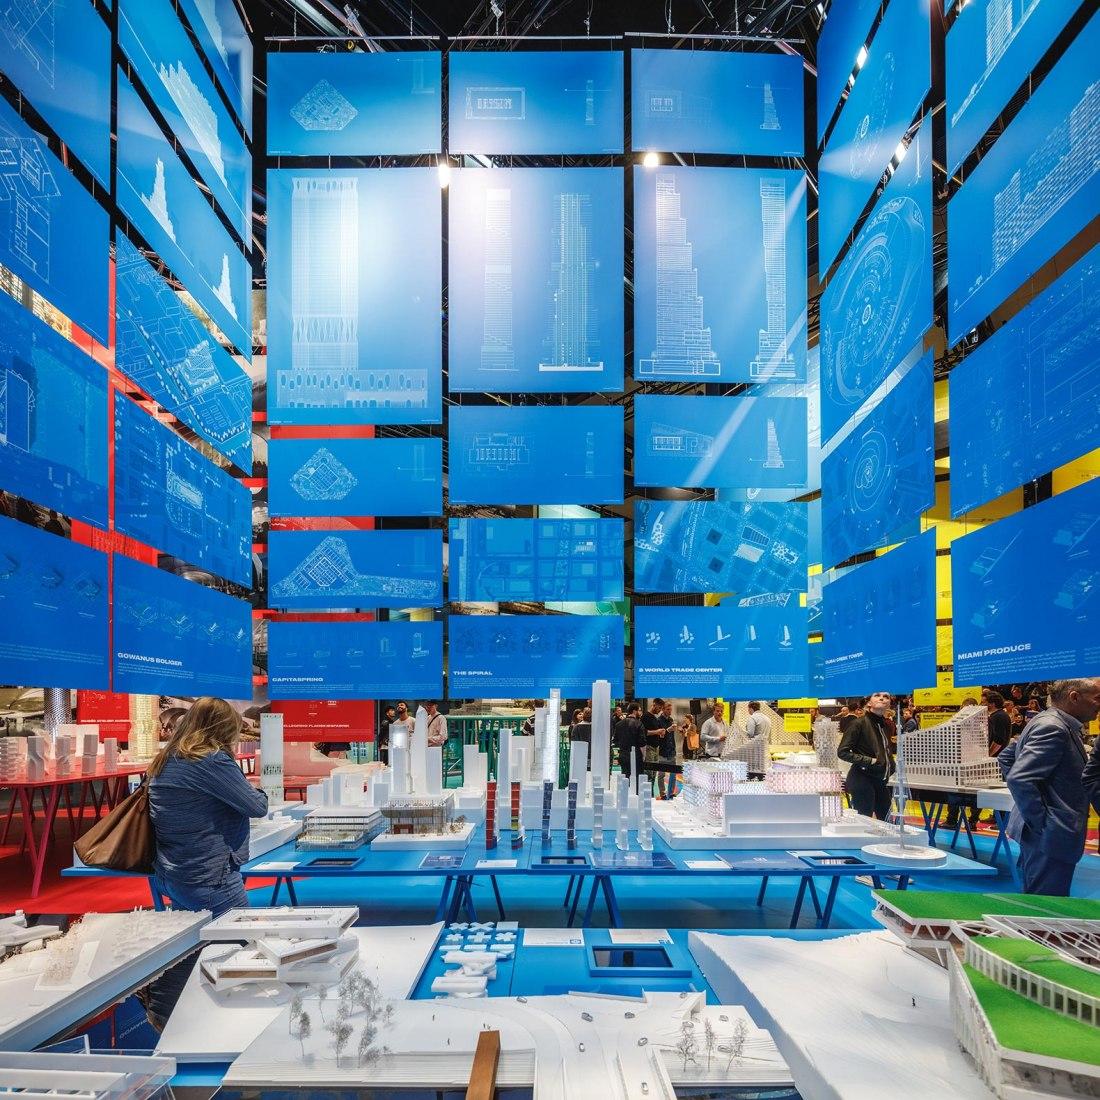 Formgiving exposición en el Centro Danés de Arquitectura. Fotografía por Rasmus Hjortshøj